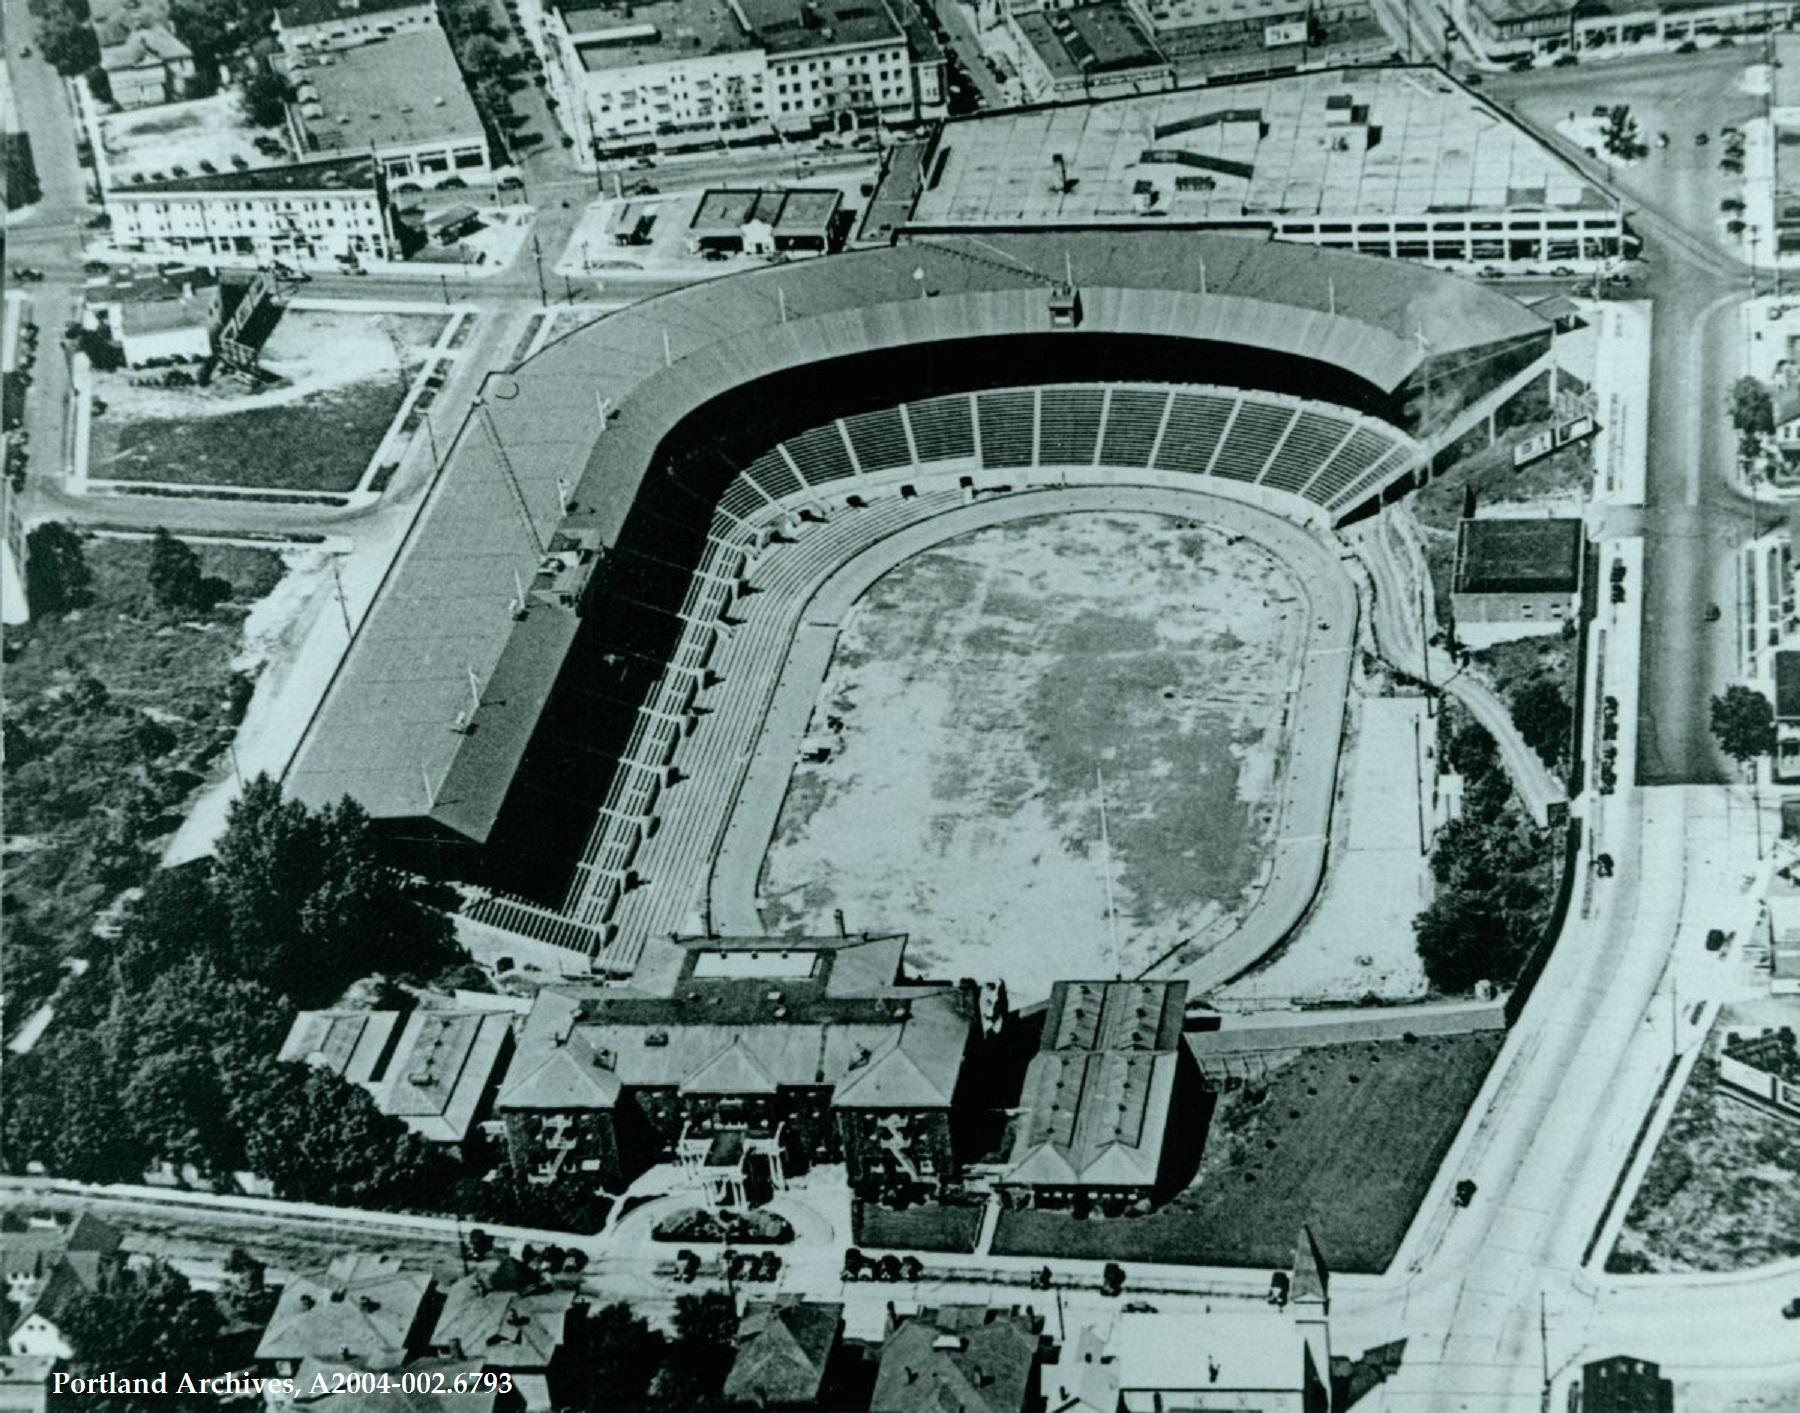 002.6793   Aerial View of Multnomah Stadium and the Multnomah Athletic Club